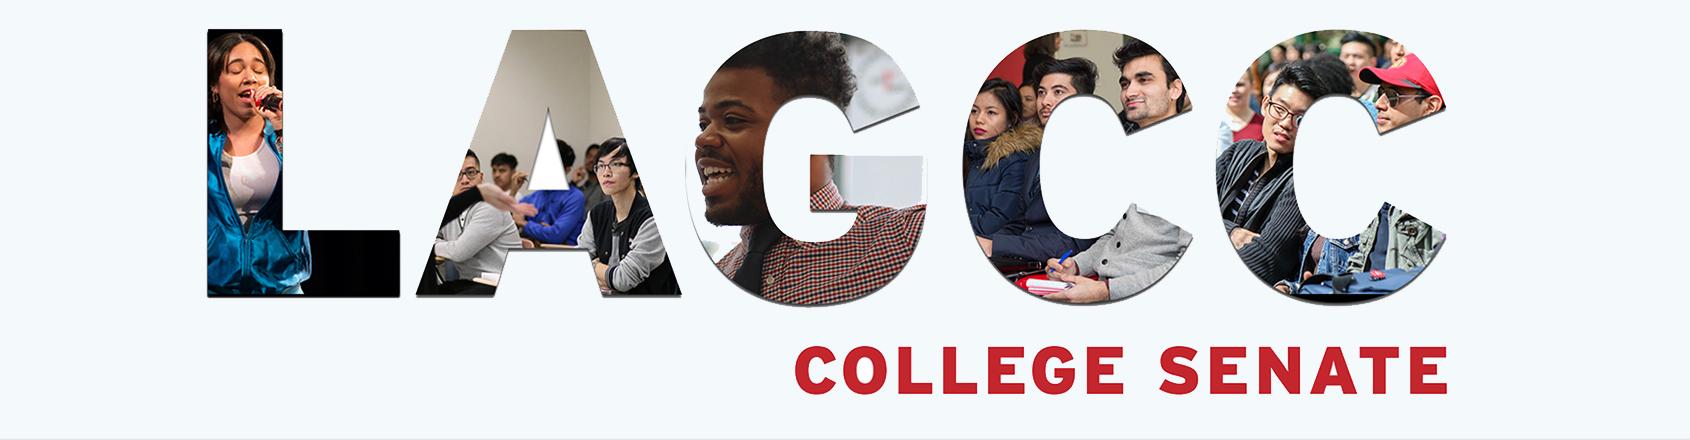 College Senate | LaGuardia Community College, New York